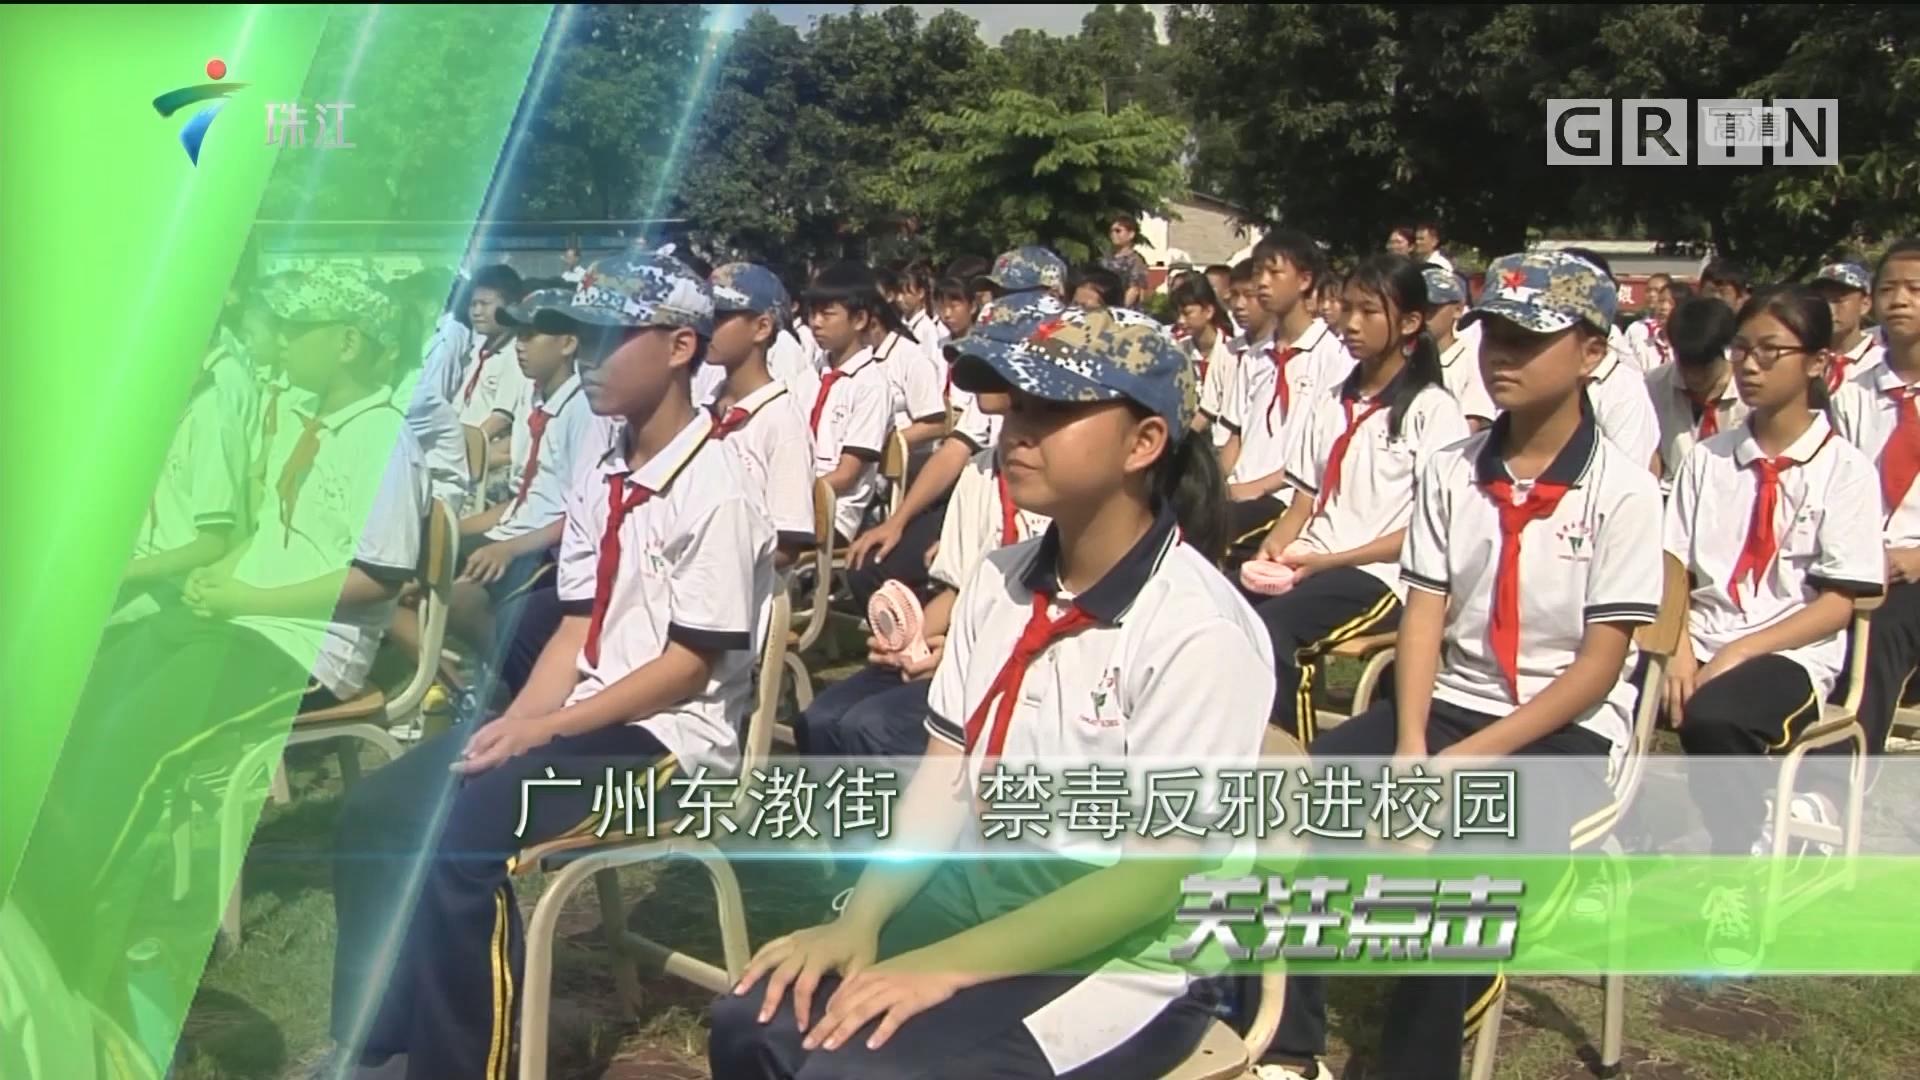 广州东漖街 禁毒反邪进校园